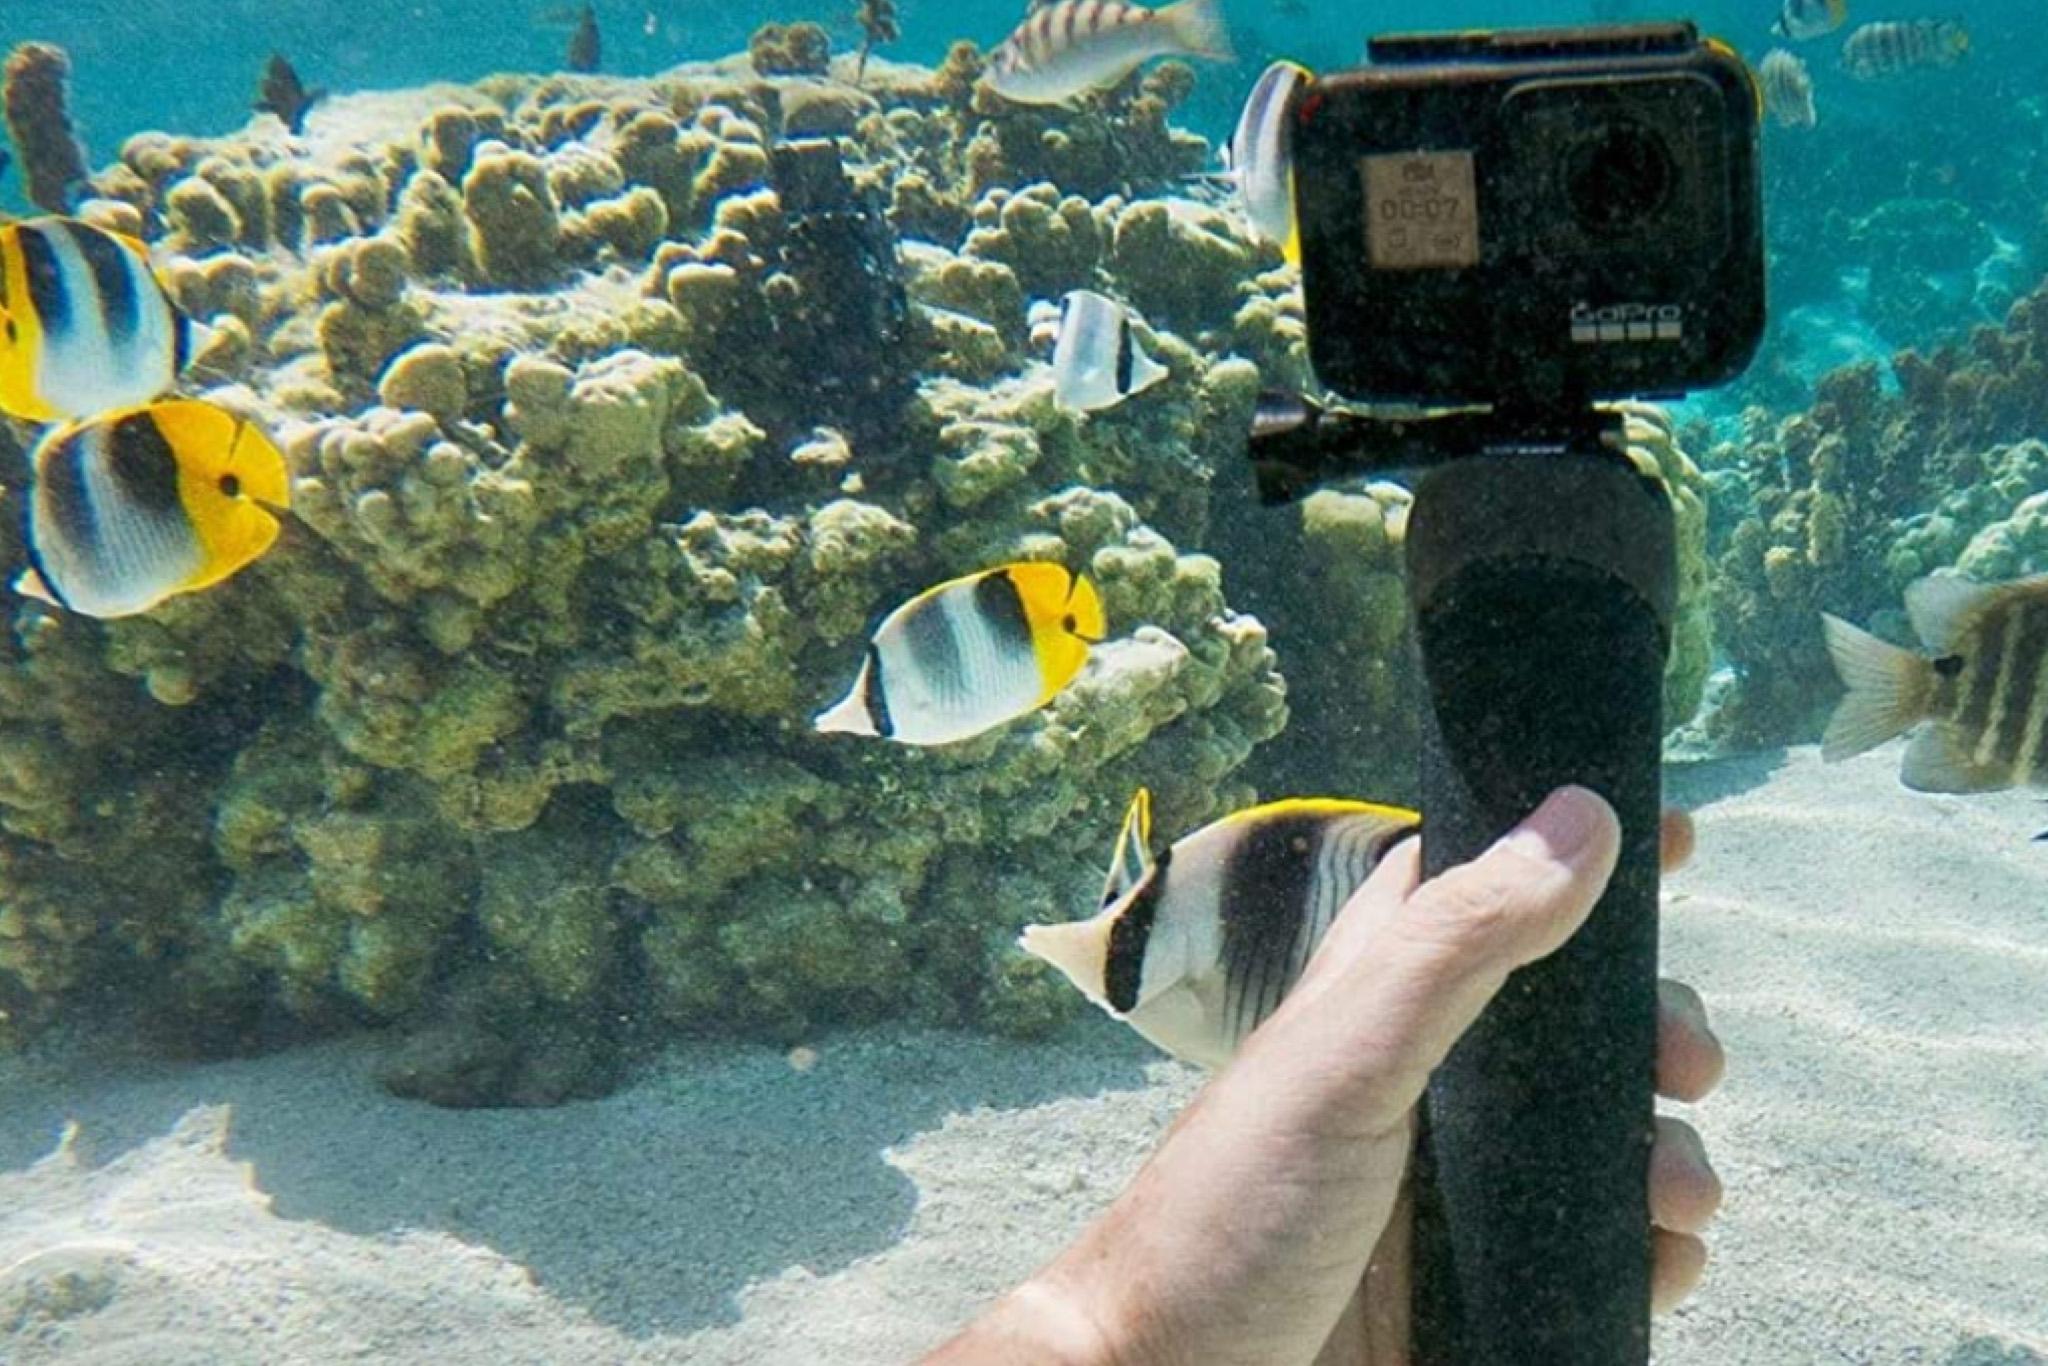 【GoPro】水中・海中撮影で知っておきたい設定とオススメアイテム13選